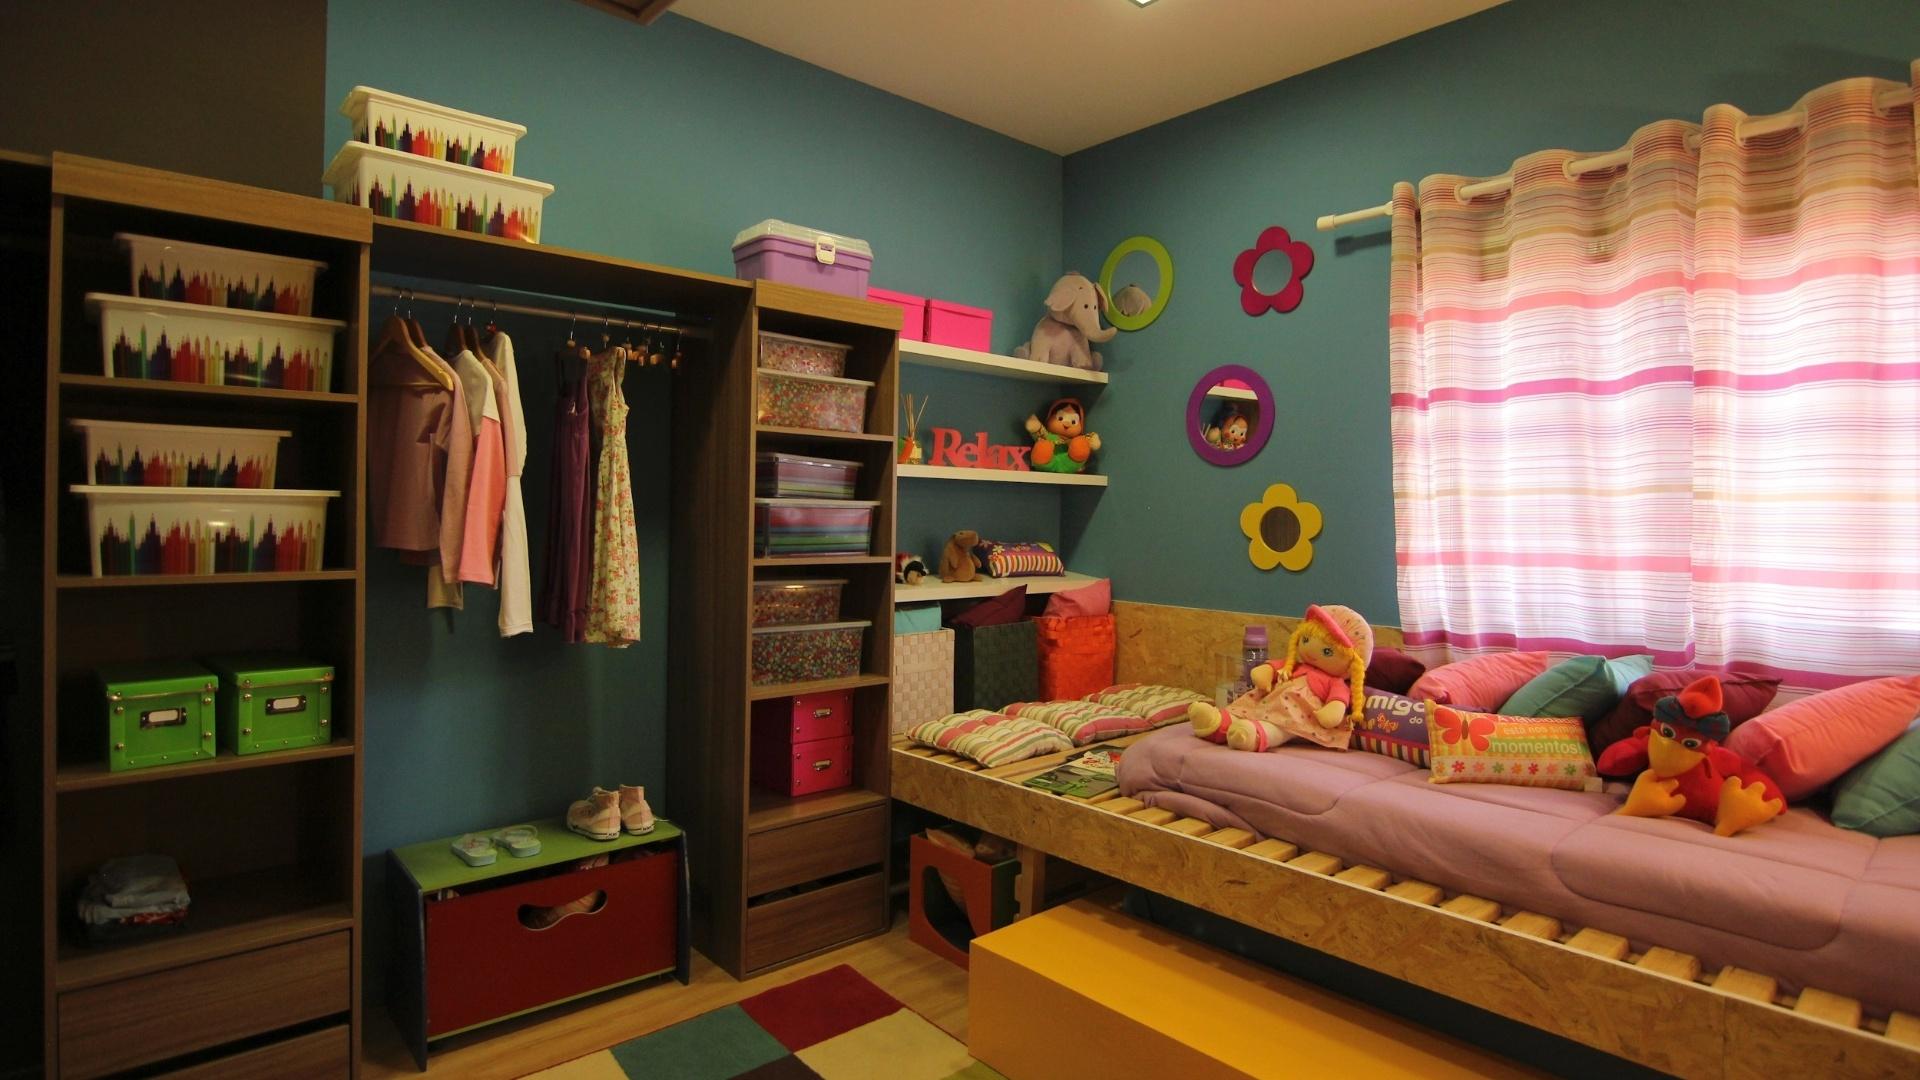 como a casa e pequena e dois filhos dividem o mesmo quarto o arquiteto #A46A27 1920 1080